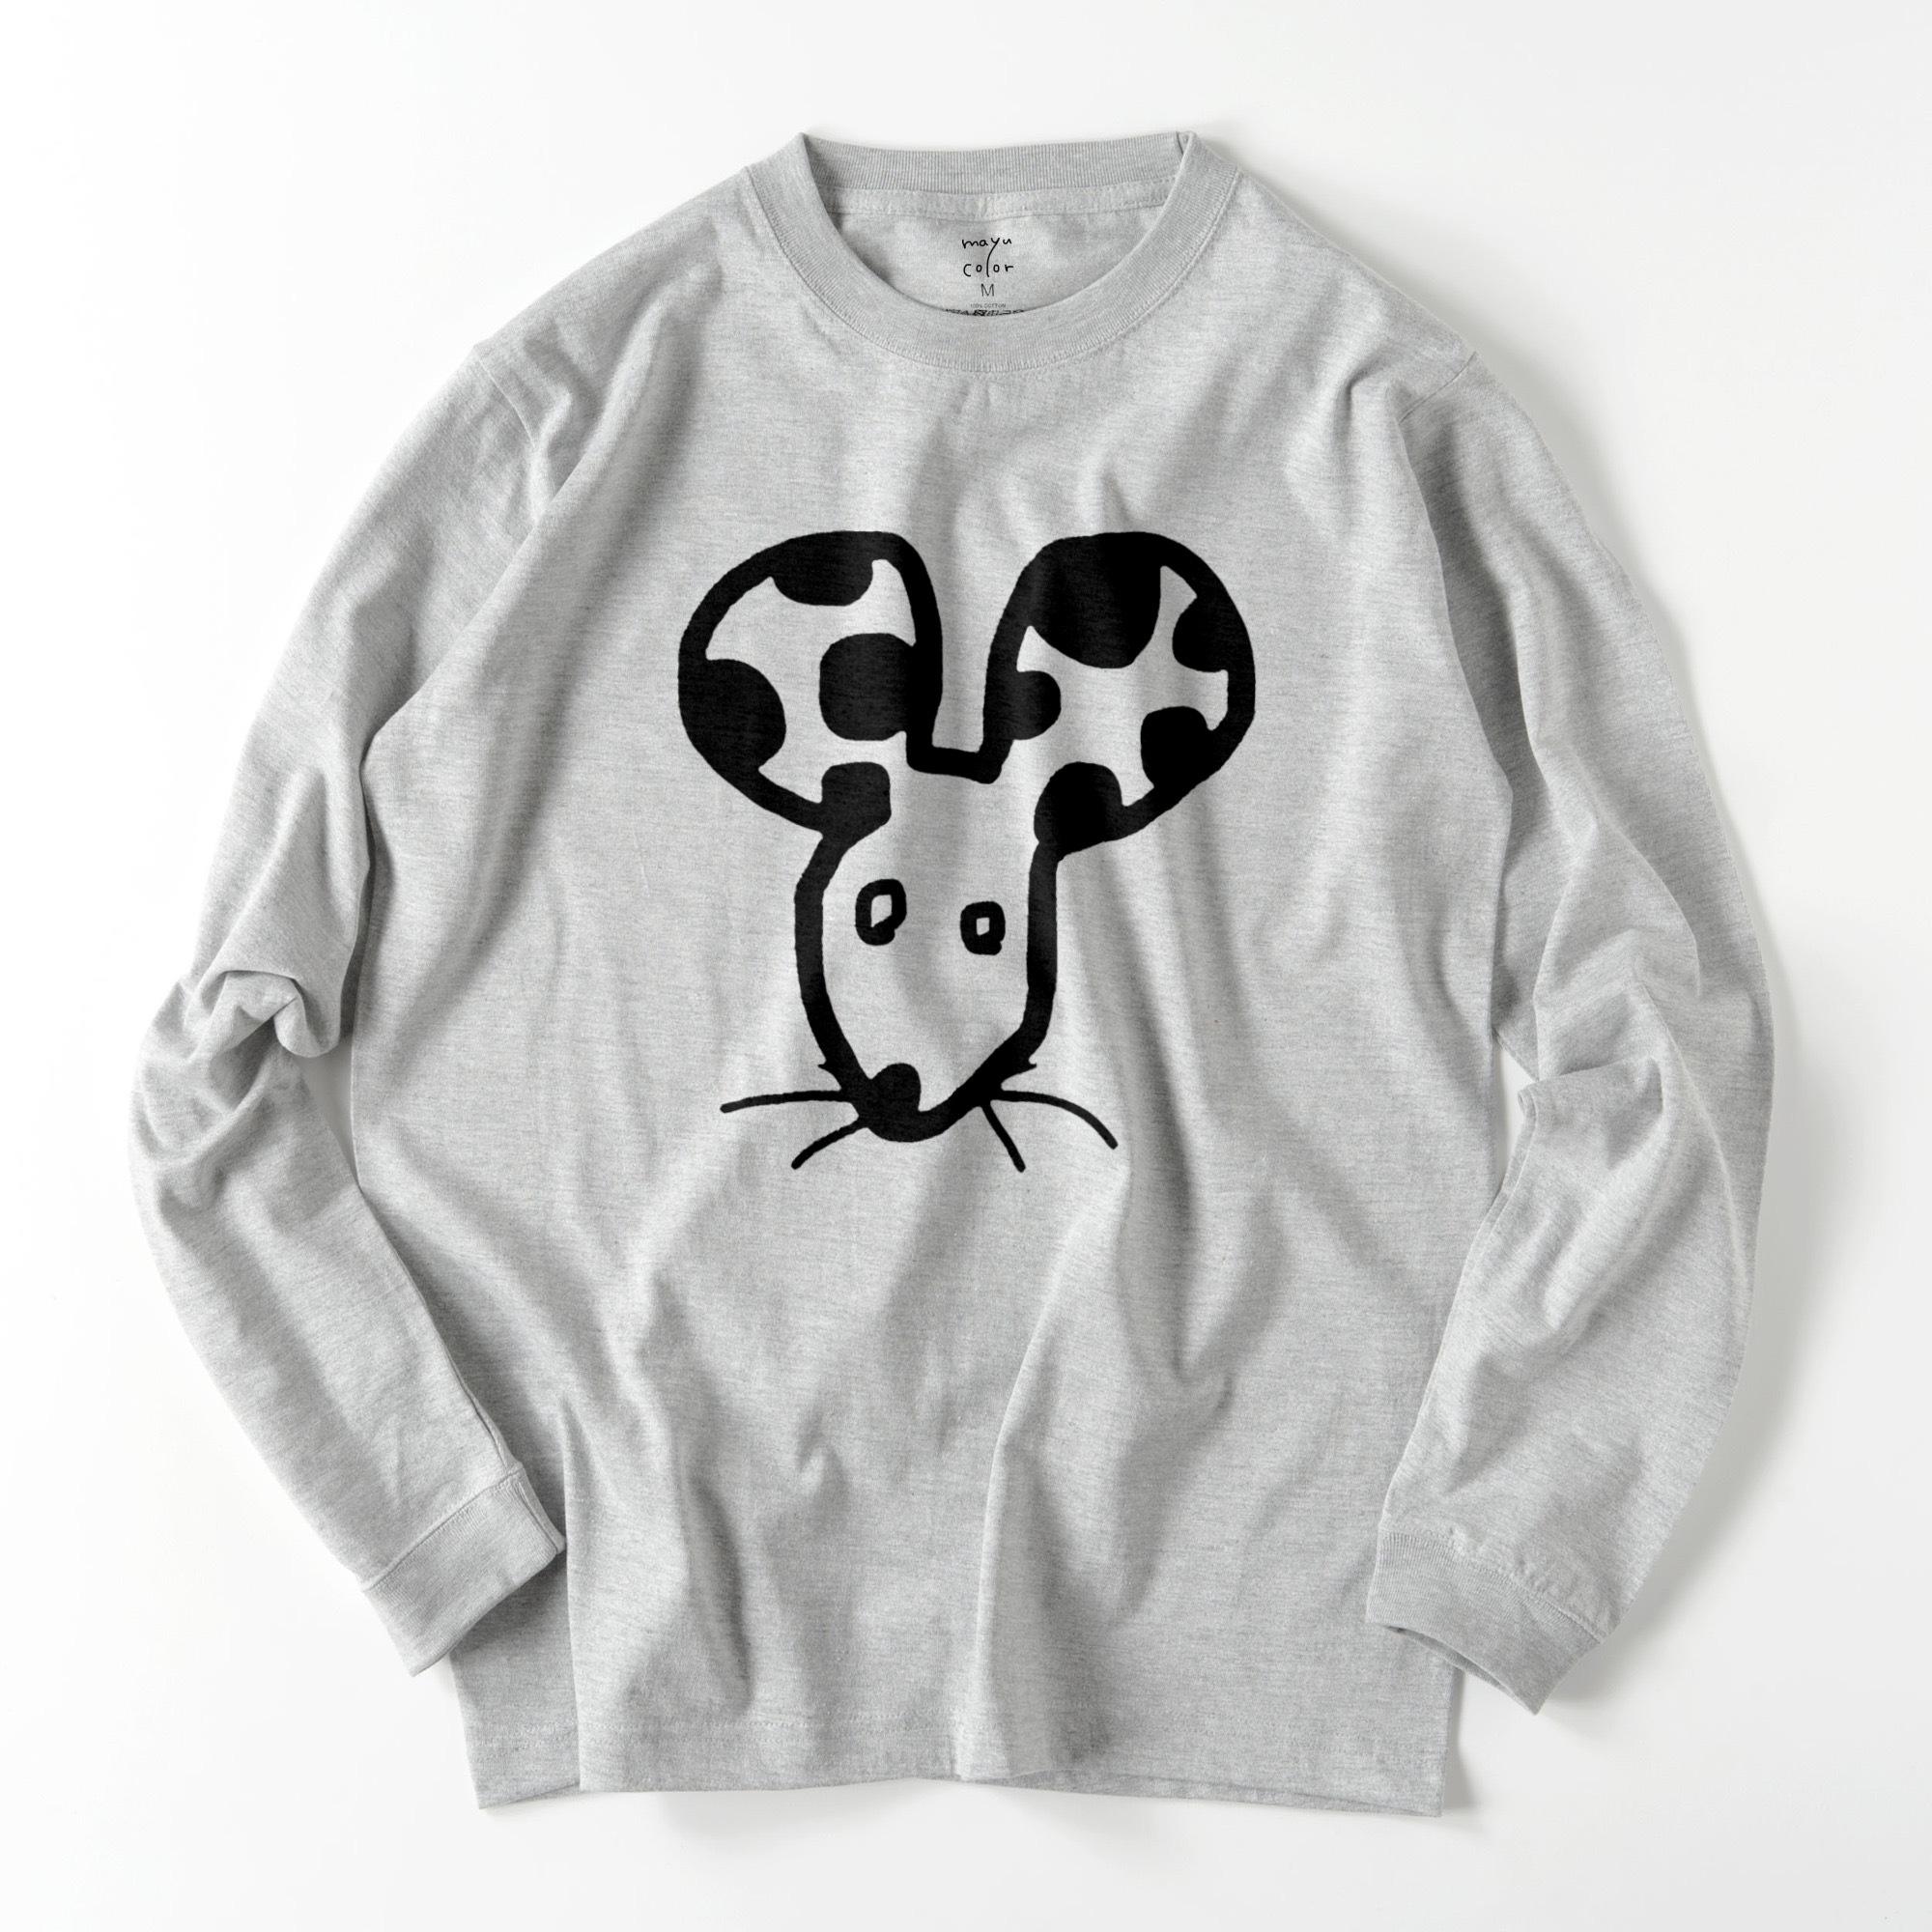 rarat/GRY/モノトーン【シンプルデザインTシャツ】©mayu_color.888